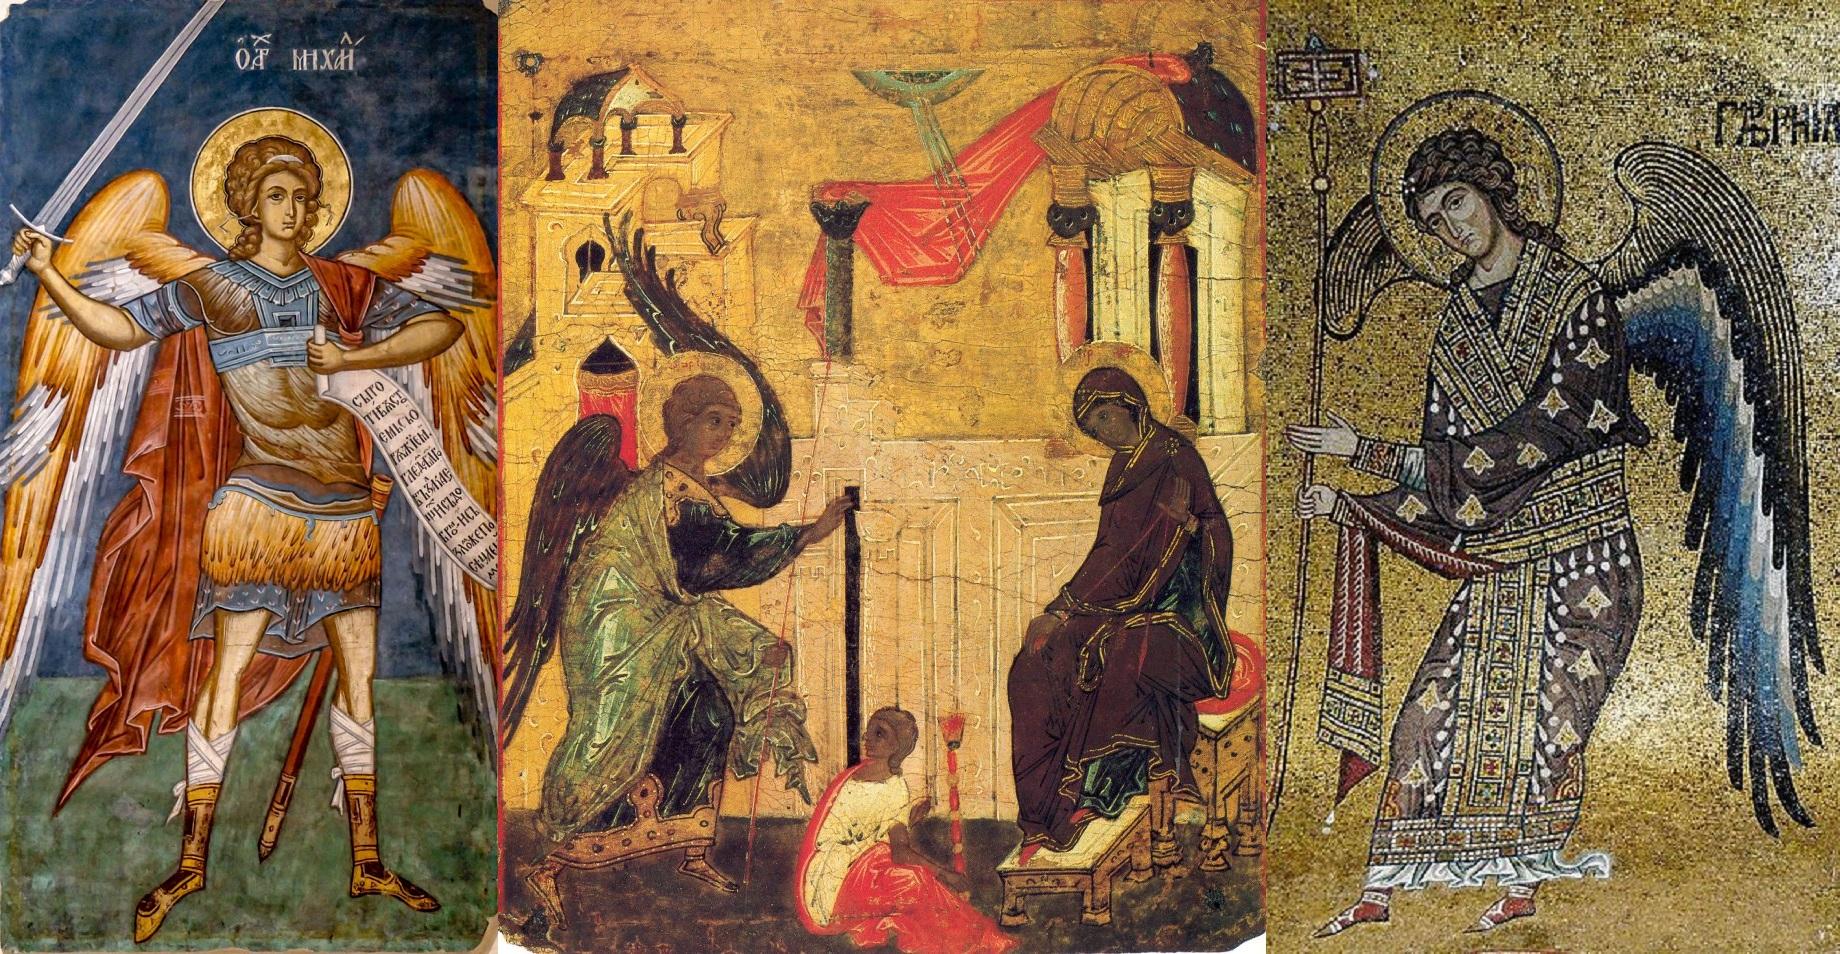 La Mulți Ani tuturor purtătorilor numelor Sfinților Arhangheli Mihail, Gavriil și Rafail!